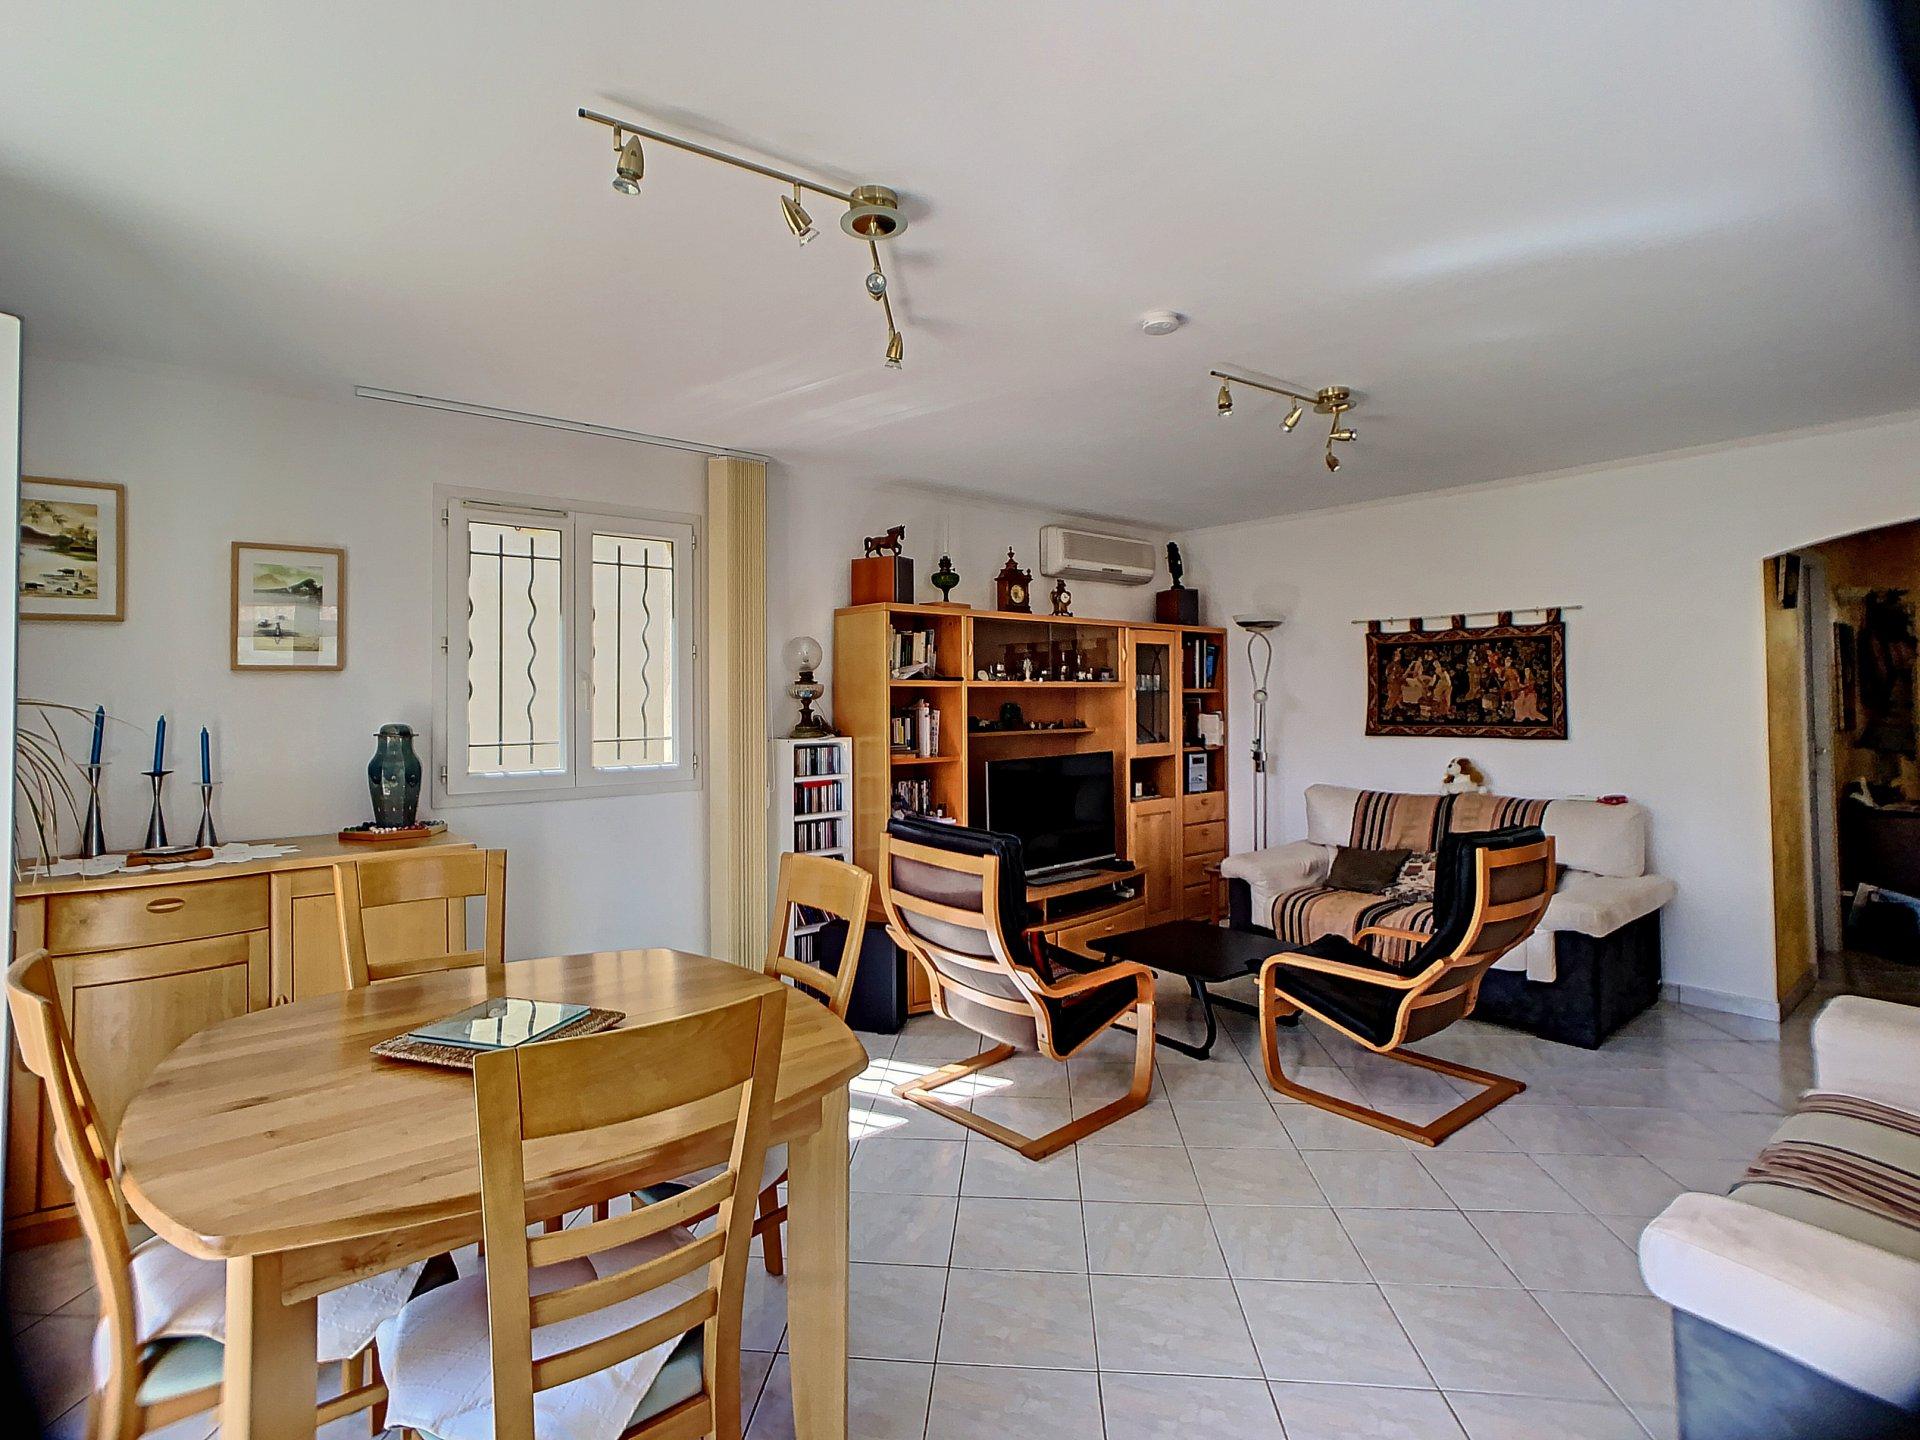 SAINT LAURENT DU VAR (06700) - Maison - 3 chambres  dont une de plain pied- 4 pièces